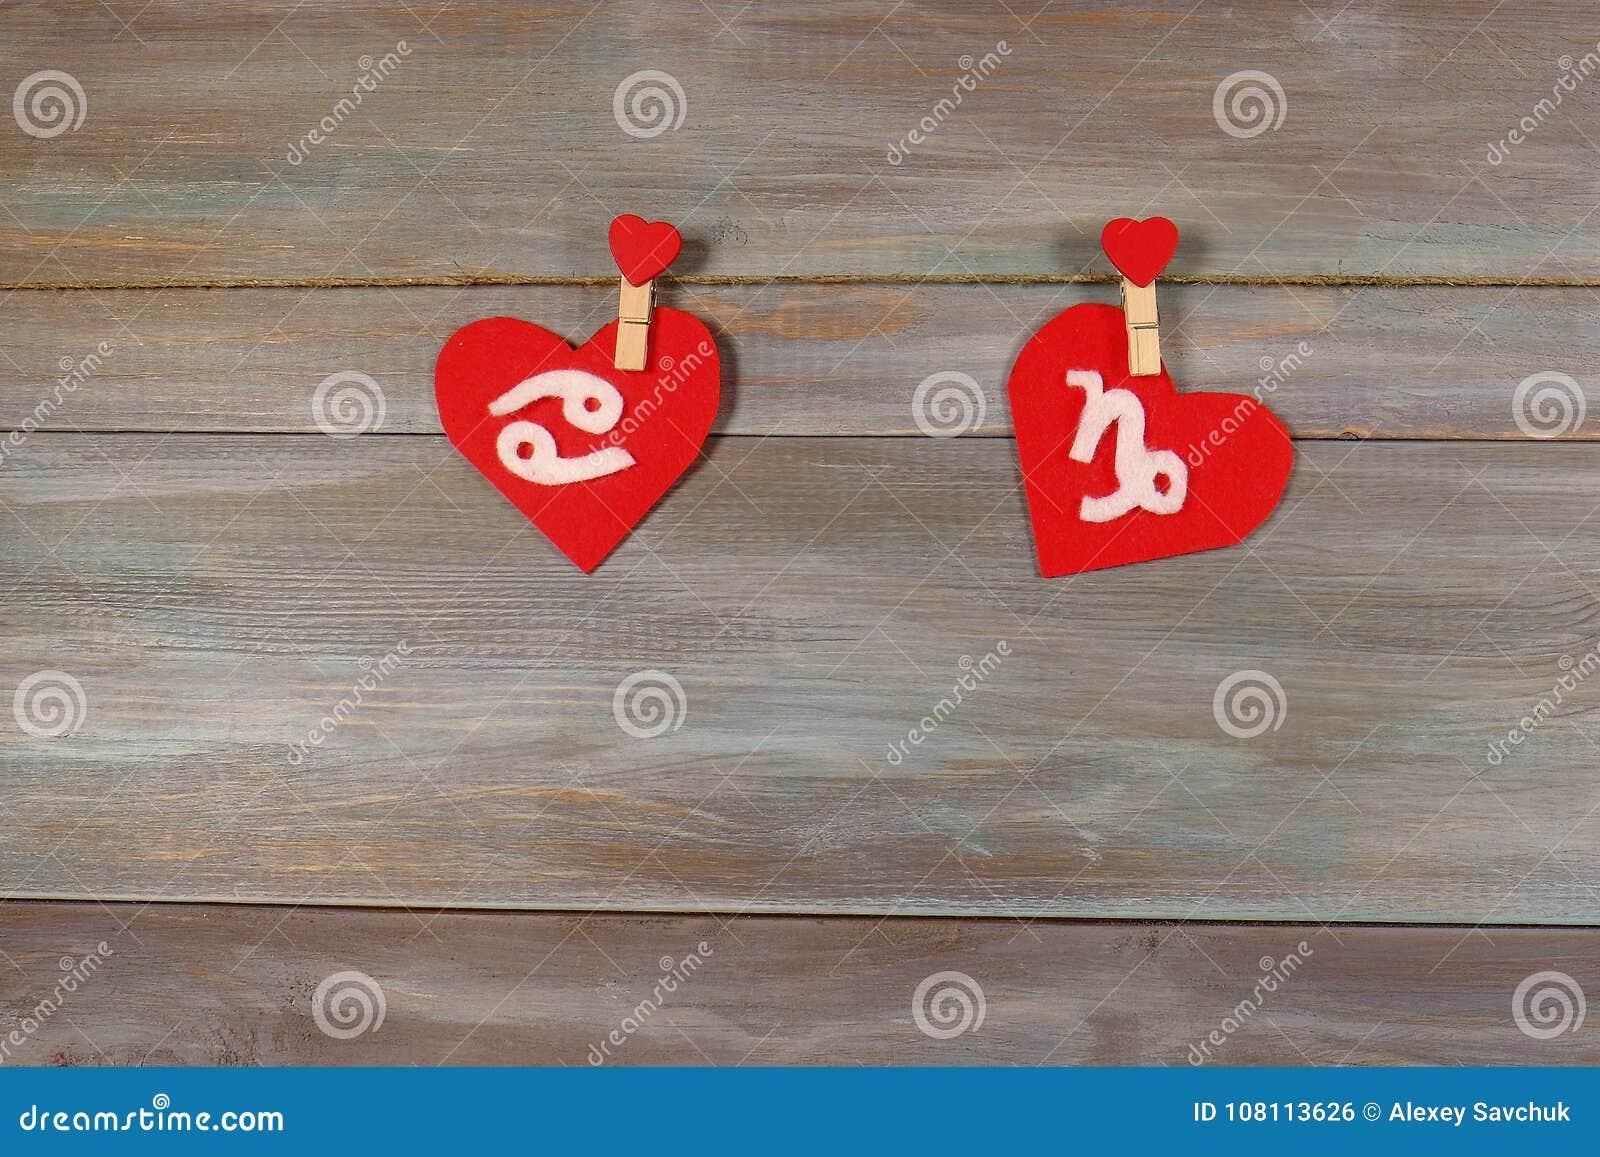 Καρκίνος και Αιγόκερος σημάδια zodiac και της καρδιάς Ξύλινη πλάτη